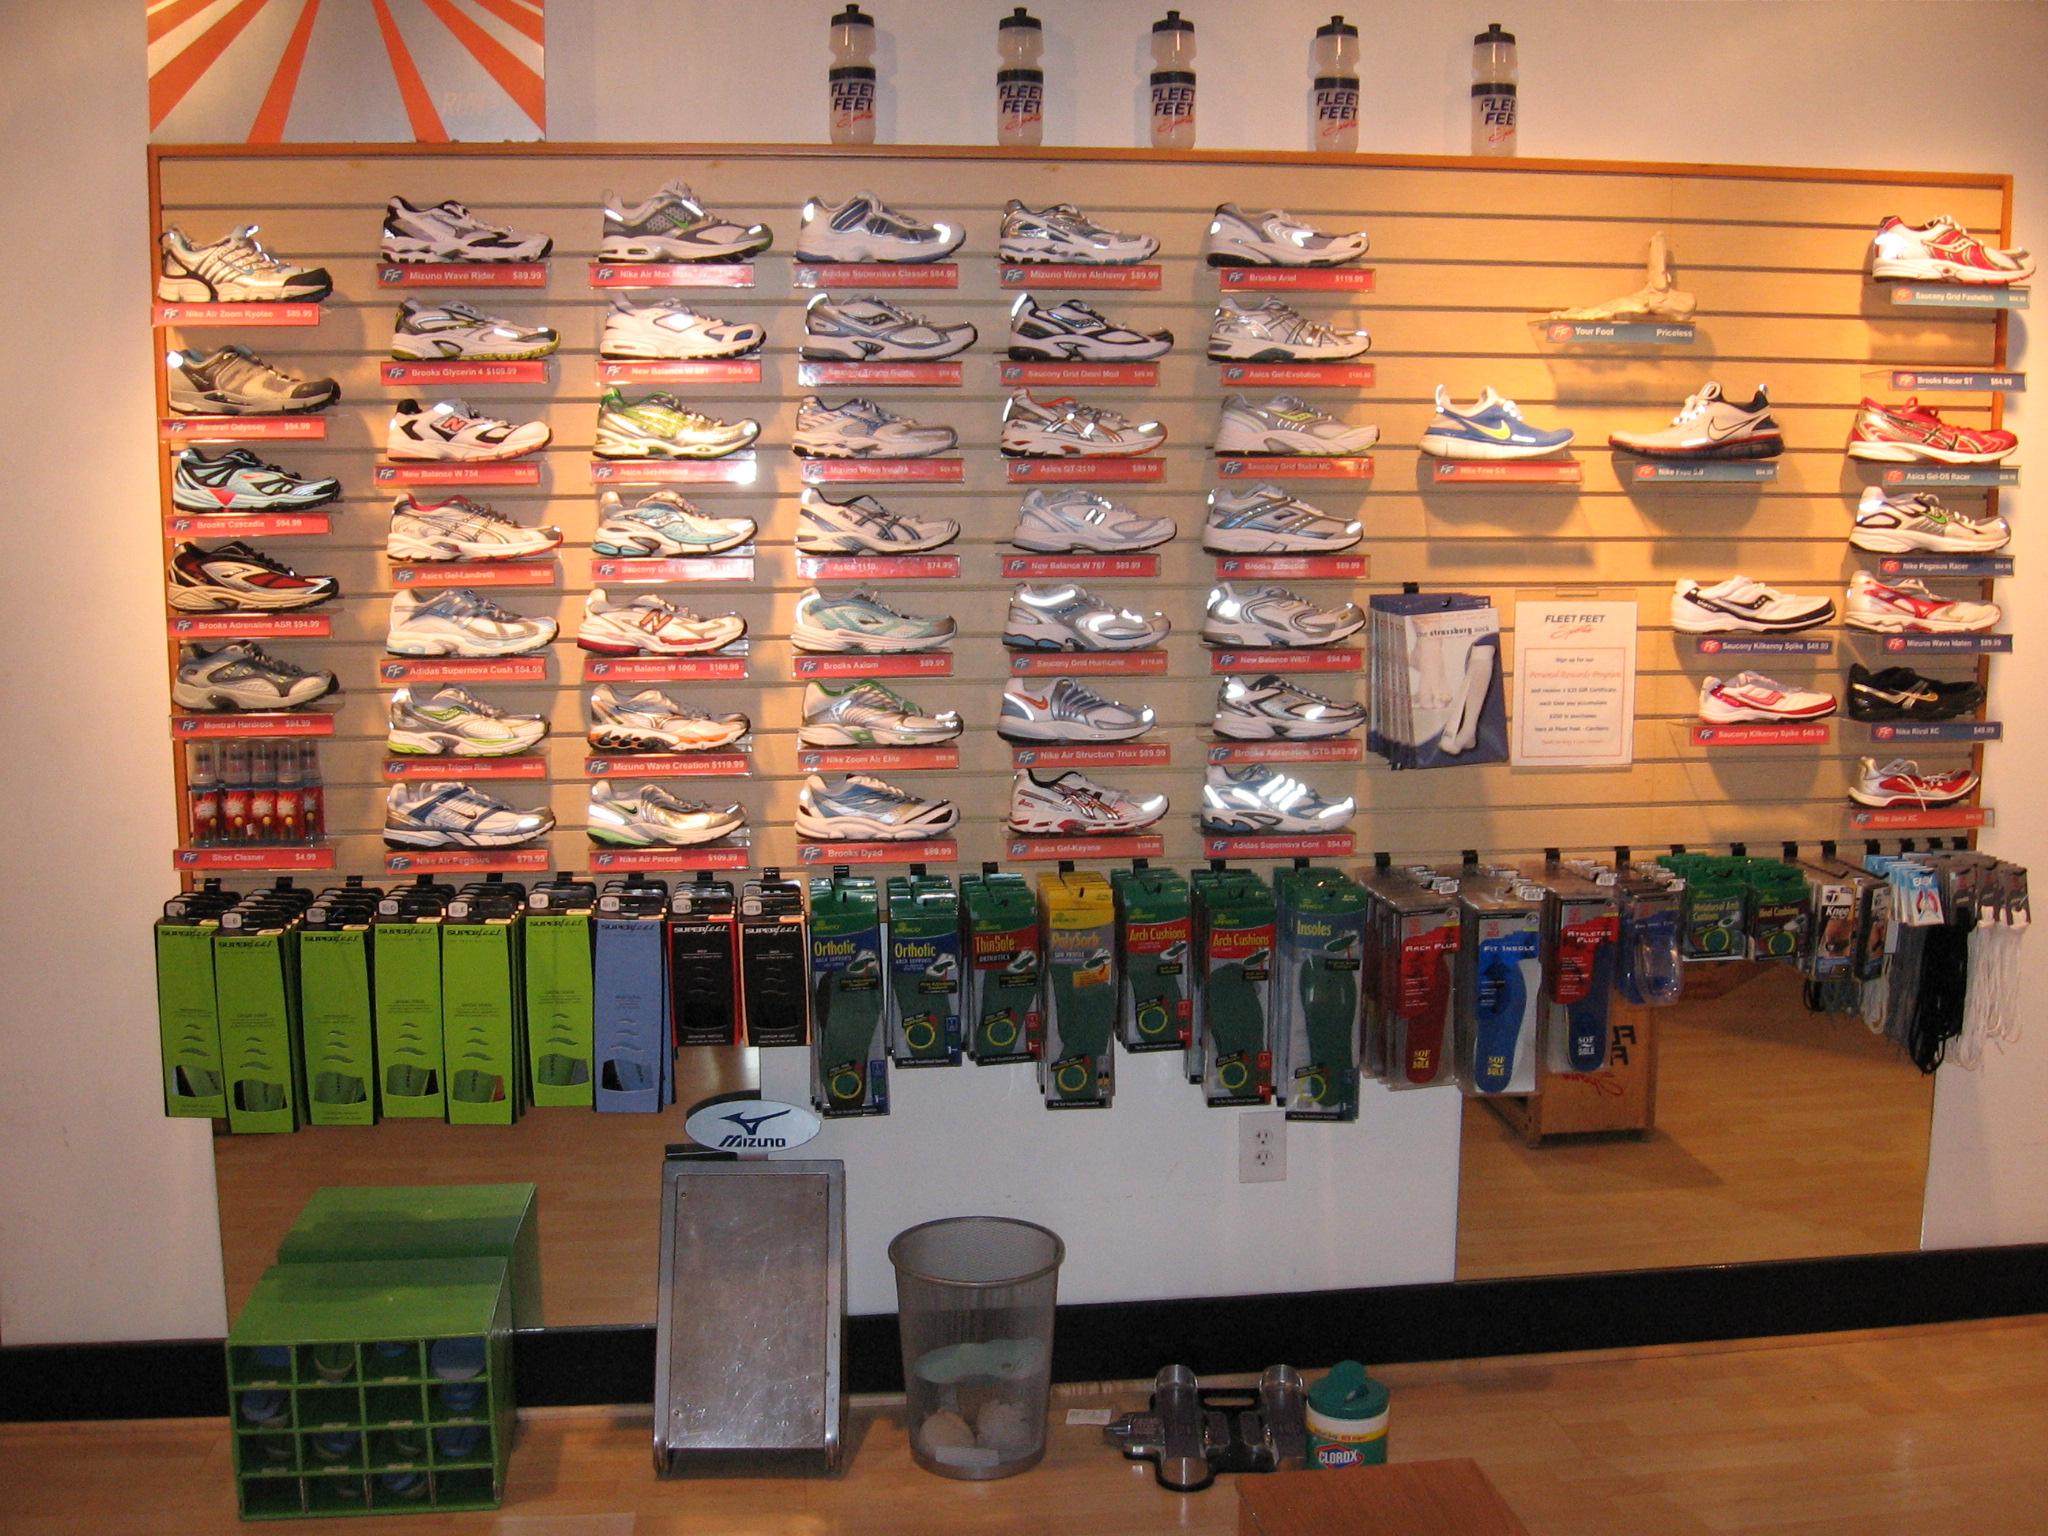 shoe wall in 2006